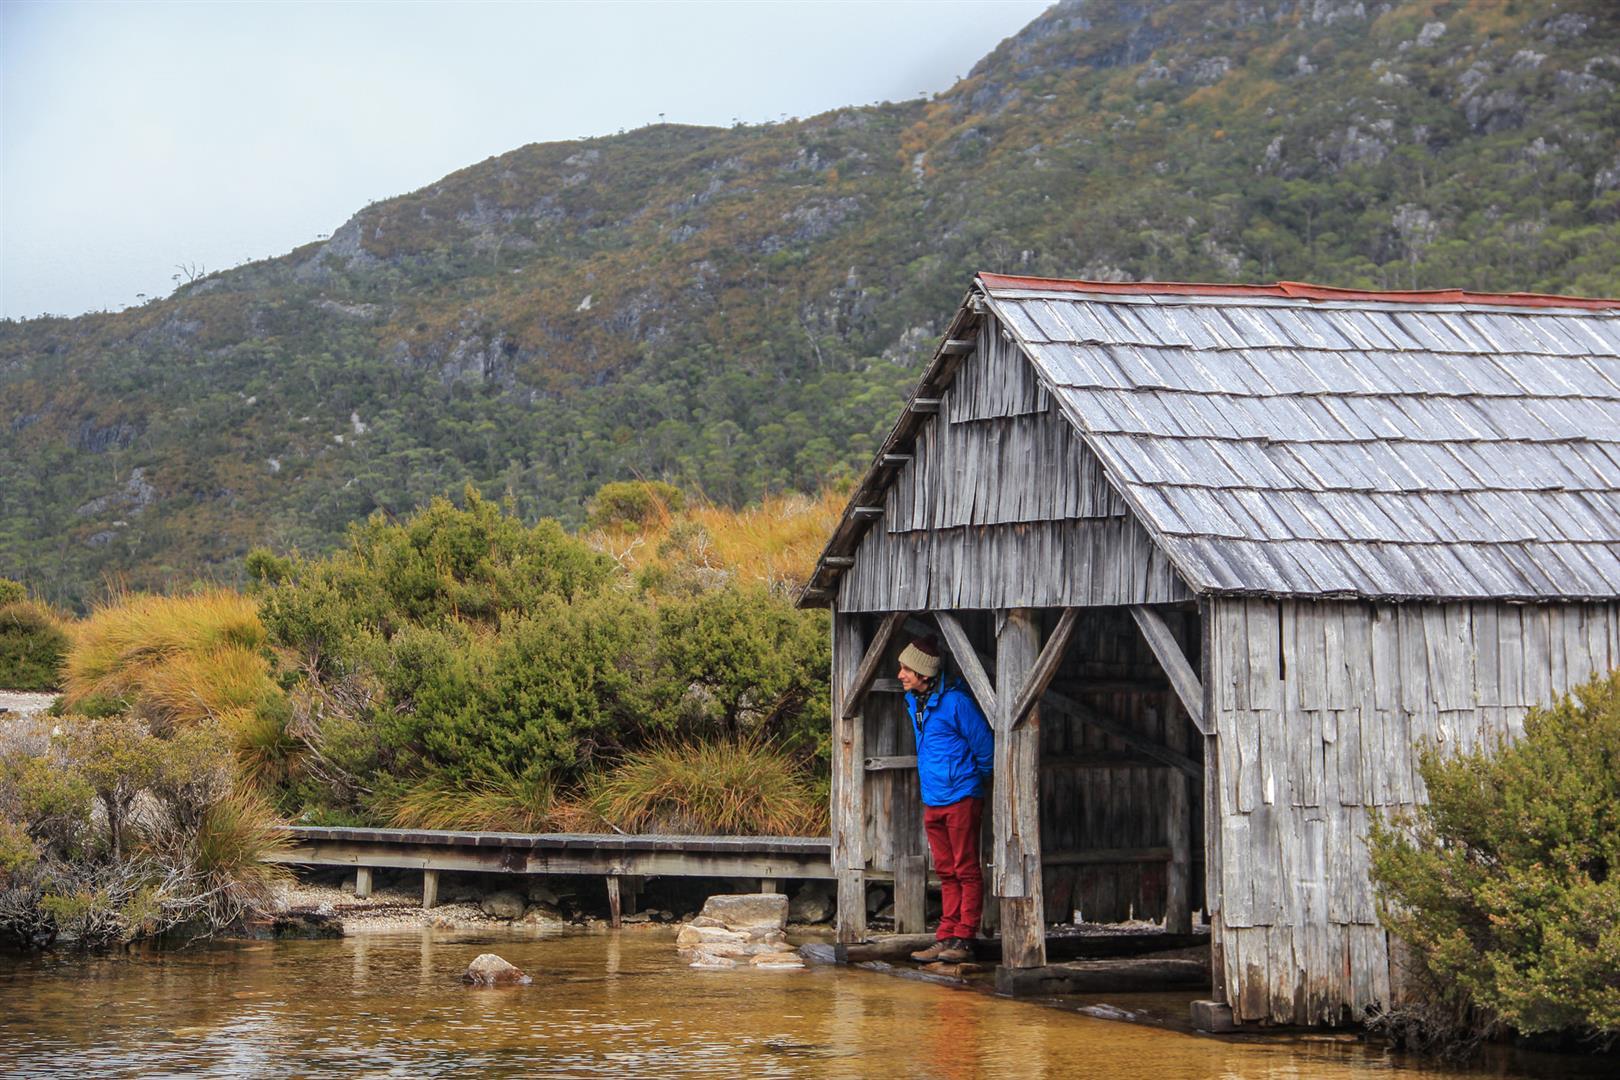 casinha de madeira em um lago